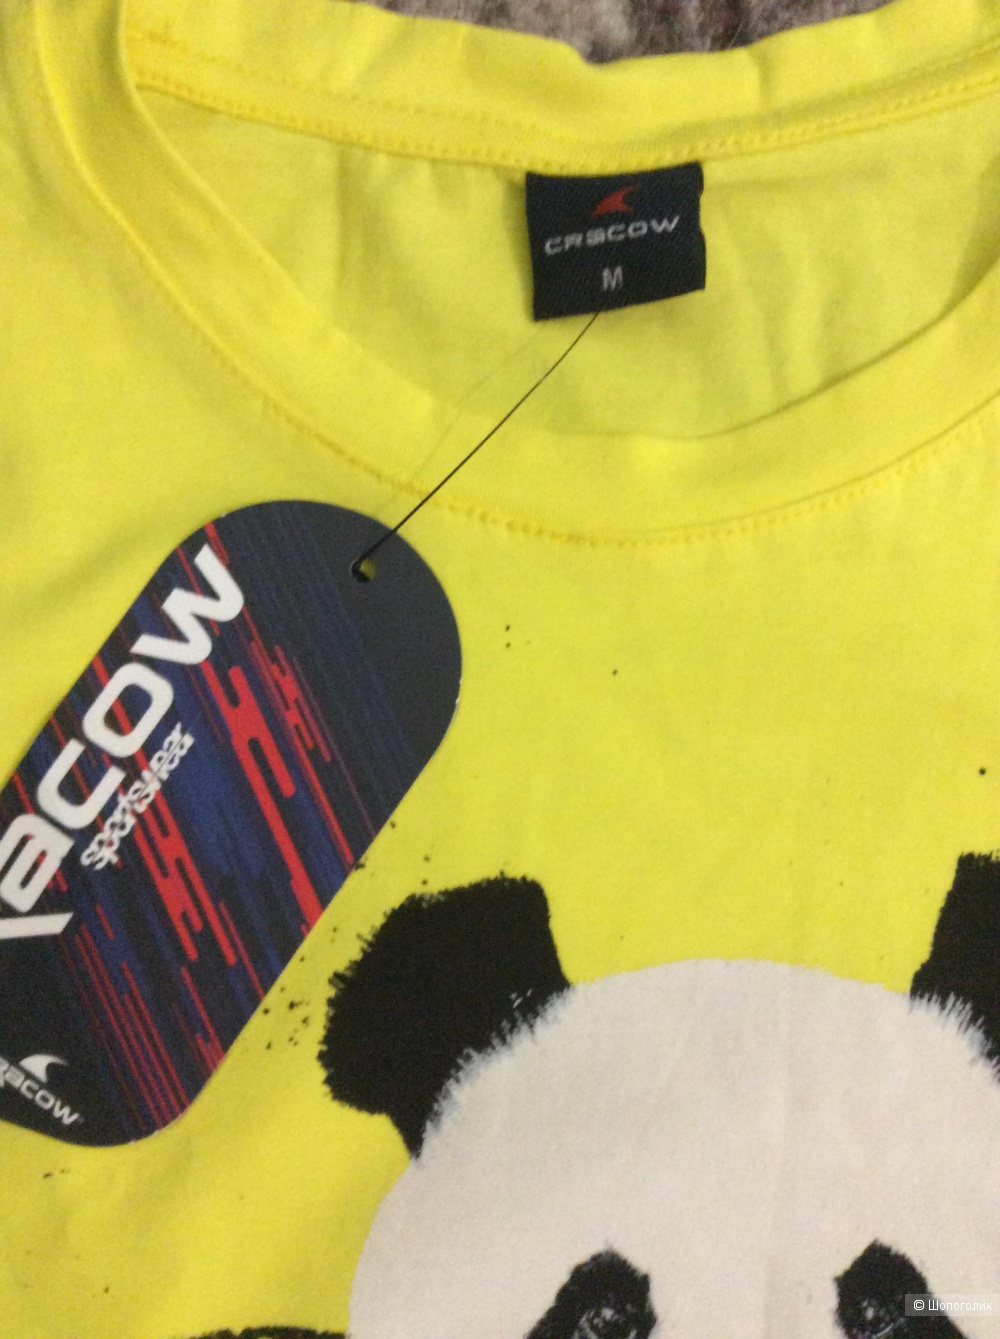 Футболка Cracow S M